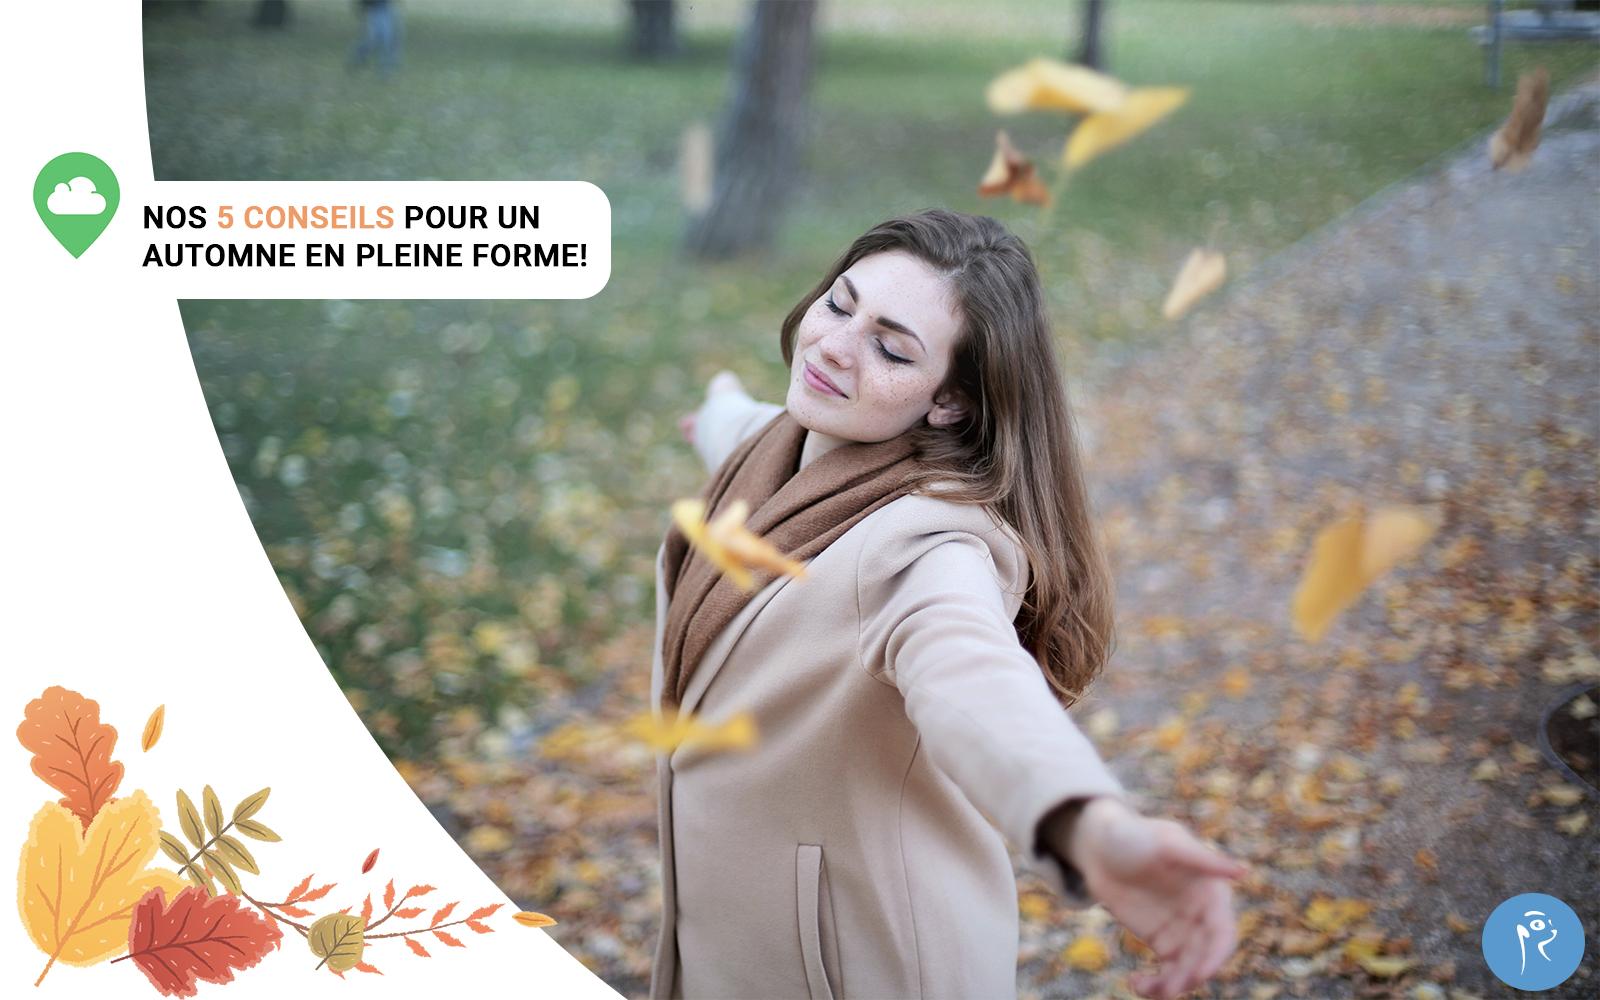 5 conseils pour un automne en pleine santé !